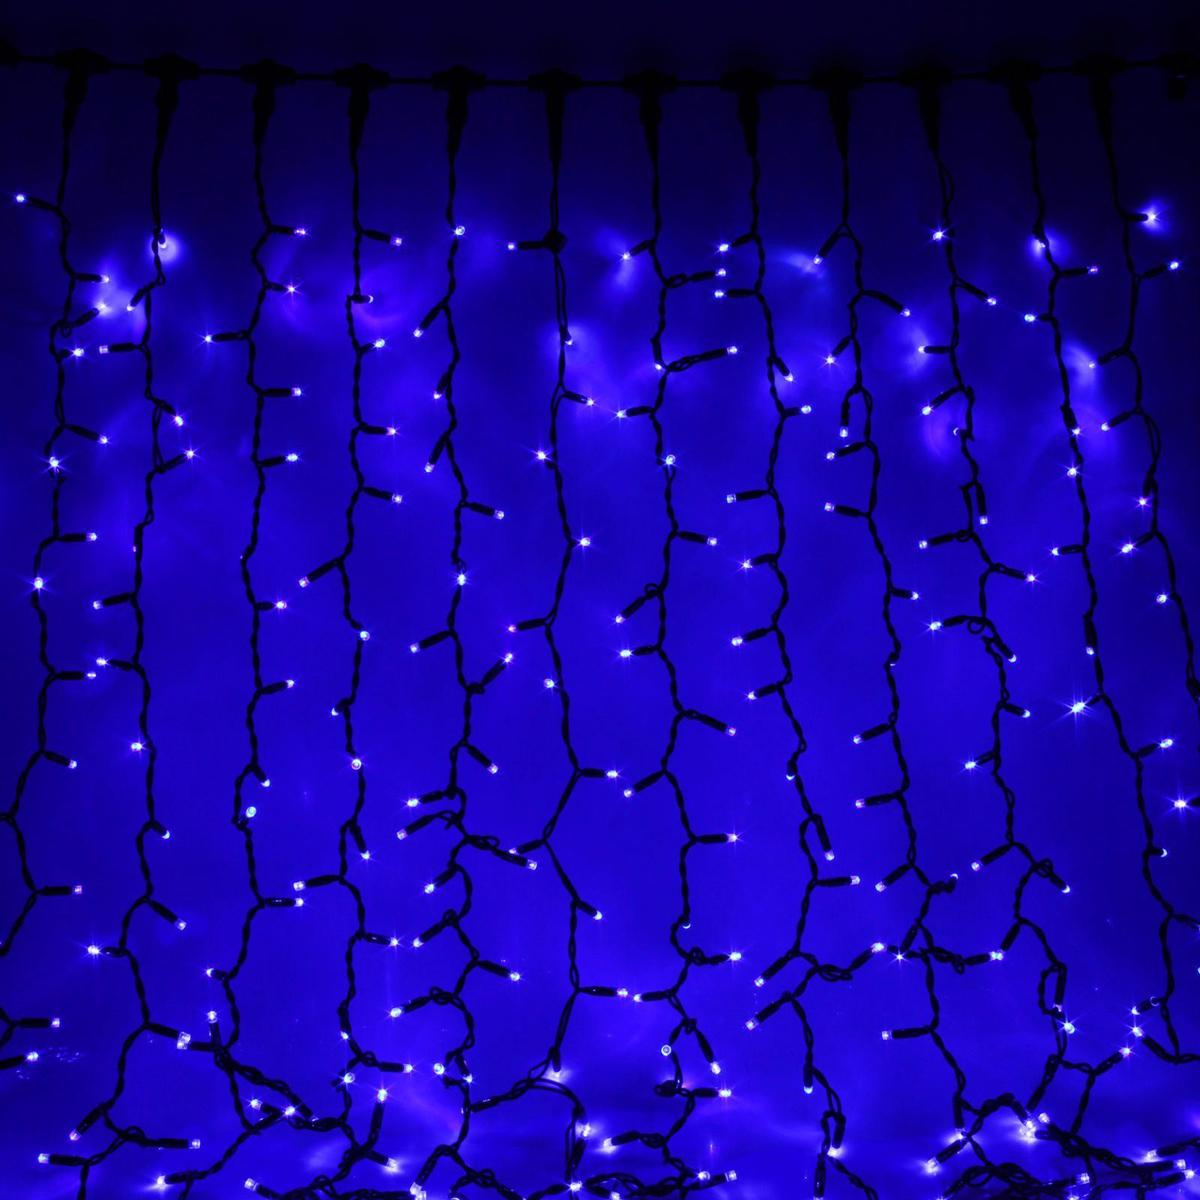 Гирлянда светодиодная Sima-land Занавес, цвет: синий, уличная, 760 ламп, 220 V, 2 х 3 м. 23328592332859Светодиодные гирлянды и ленты — это отличный вариант для новогоднего оформления интерьера или фасада. С их помощью помещение любого размера можно превратить в праздничный зал, а внешние элементы зданий, украшенные ими, мгновенно станут напоминать очертания сказочного дворца. Такие украшения создают ауру предвкушения чуда. Деревья, фасады, витрины, окна и арки будто специально созданы, чтобы вы украсили их светящимися нитями.